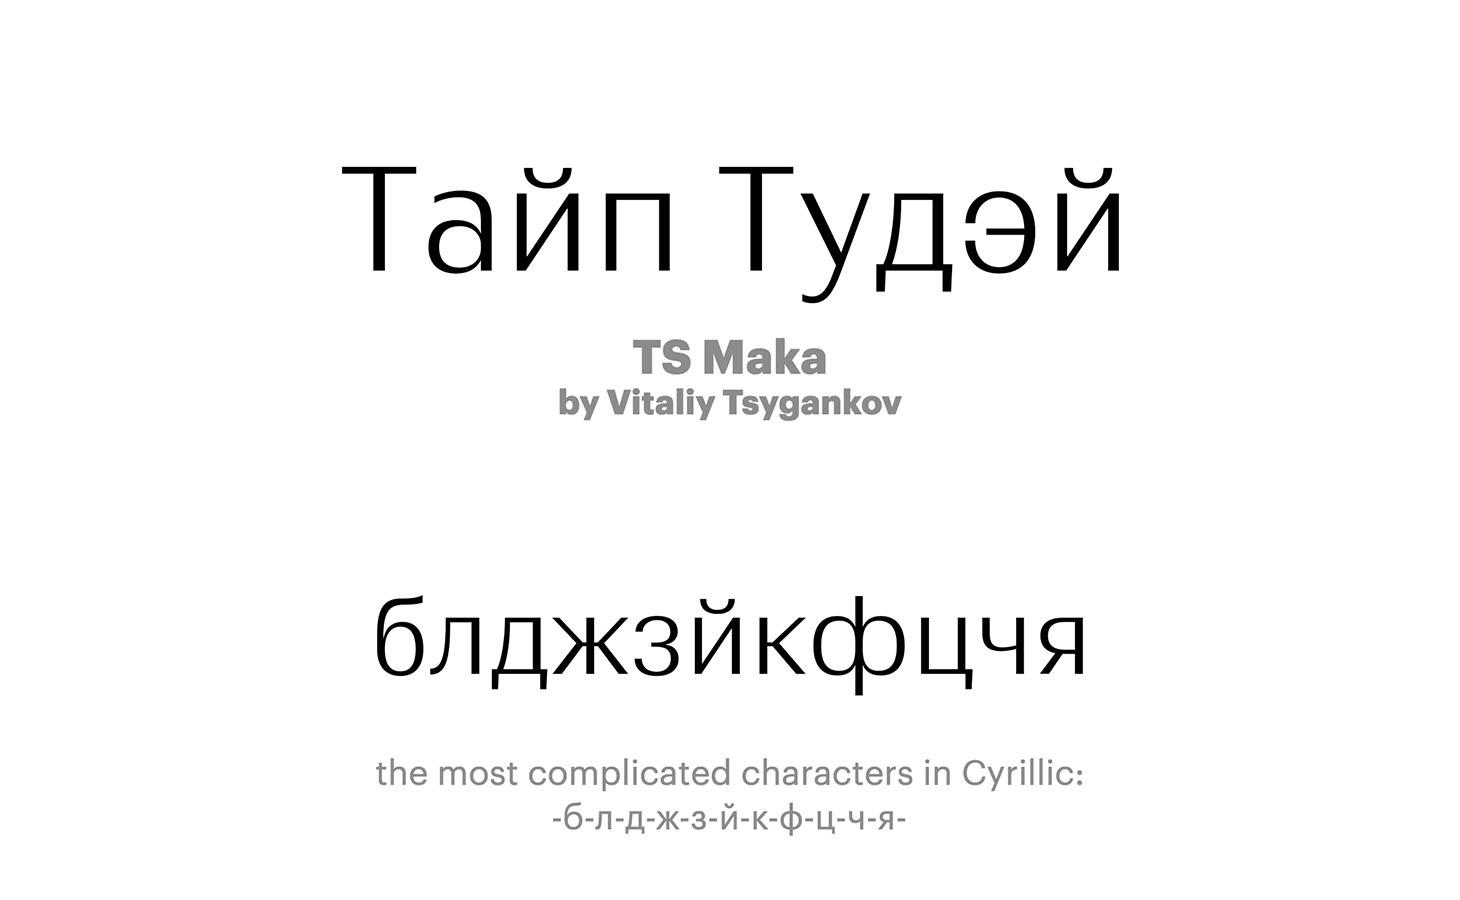 TS-Maka